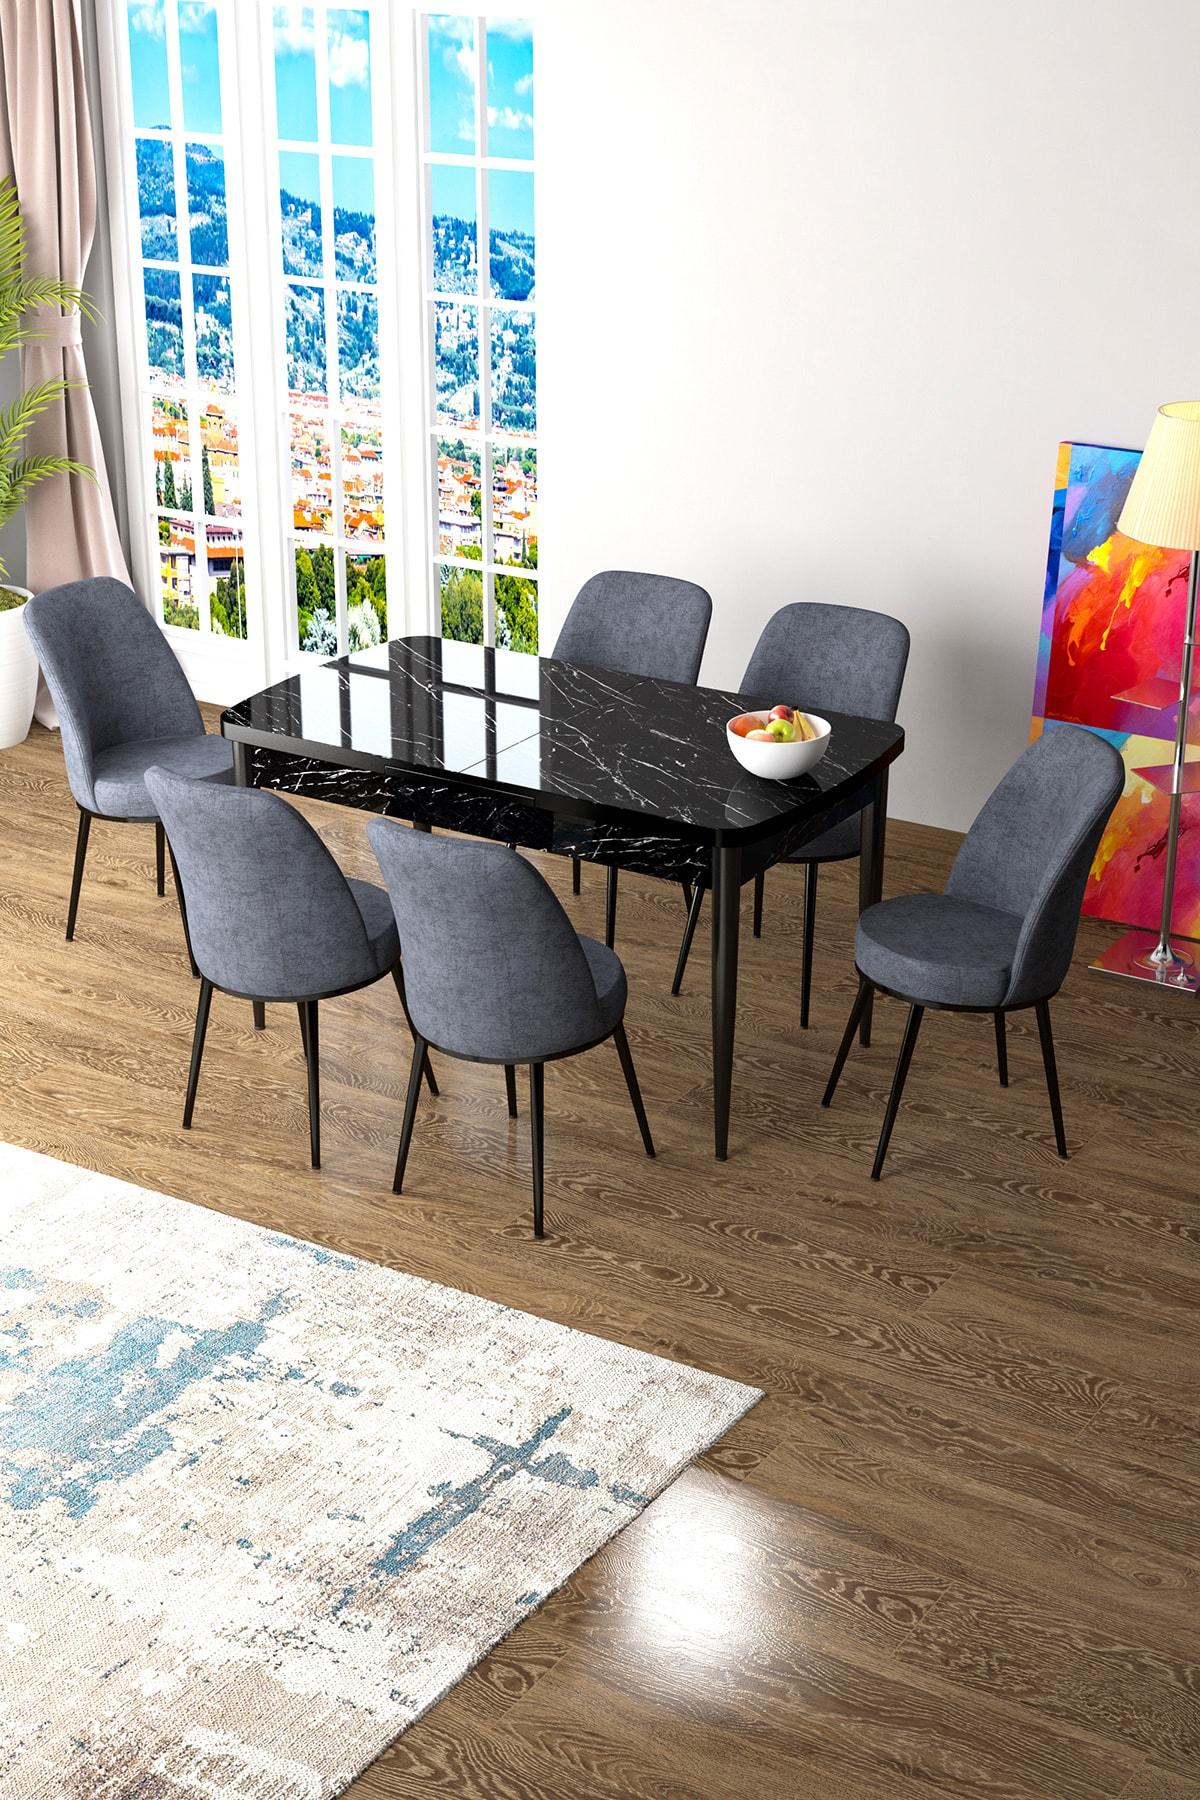 Zen Serisi Mdf Açılabilir Mutfak Masa Takımı -siyah Mermer Desenli Masa +6 Füme Sandalye